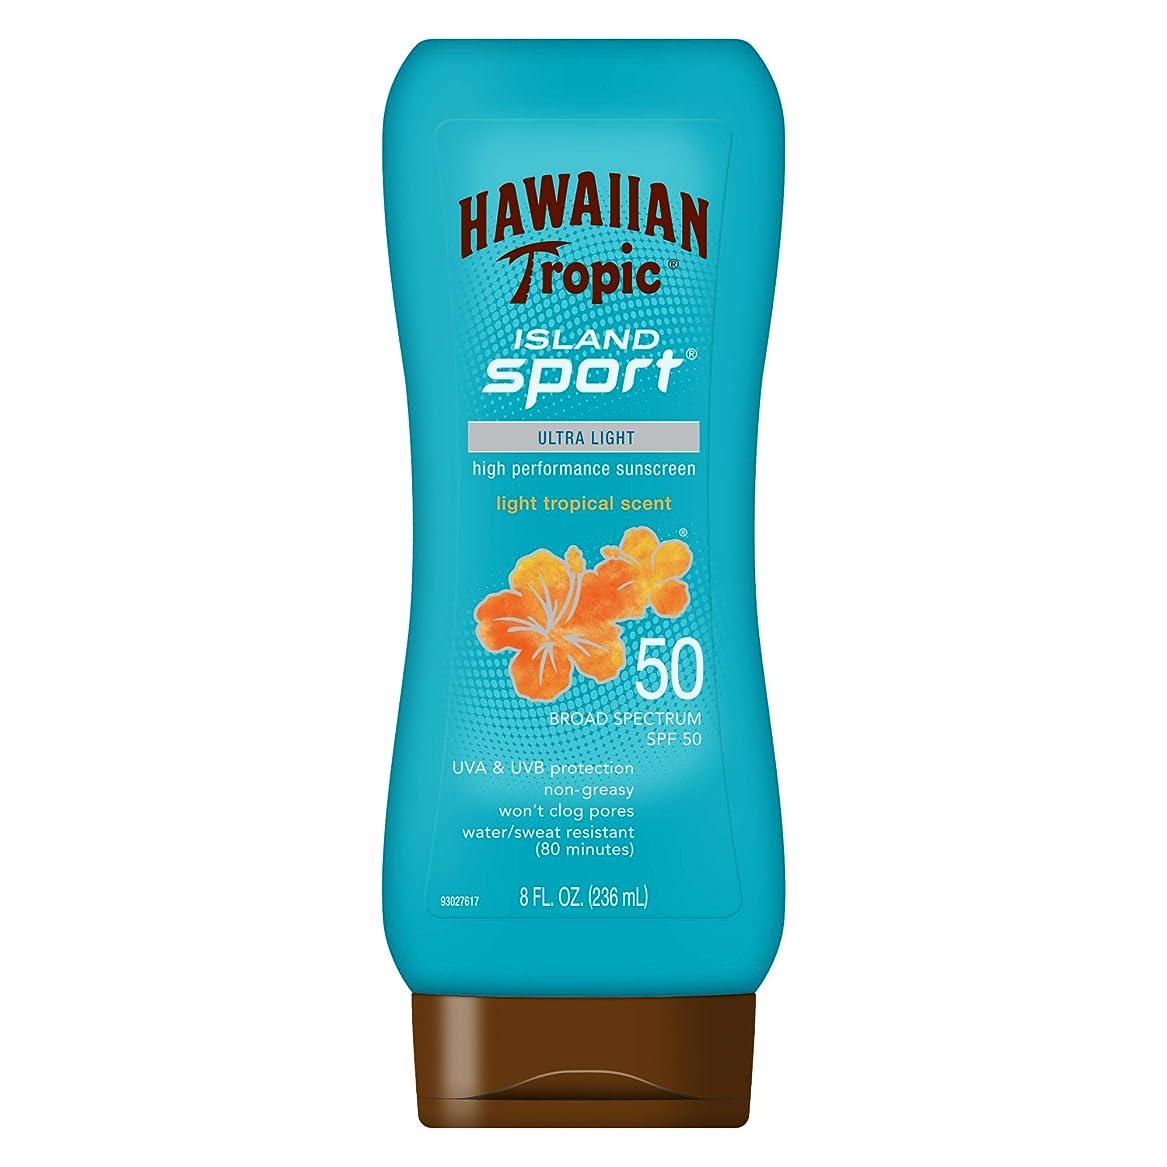 シュガー移植構想するHawaiian Tropic アイランドスポーツ広域スペクトル日焼け止めローション、SPF 50-8液量オンス